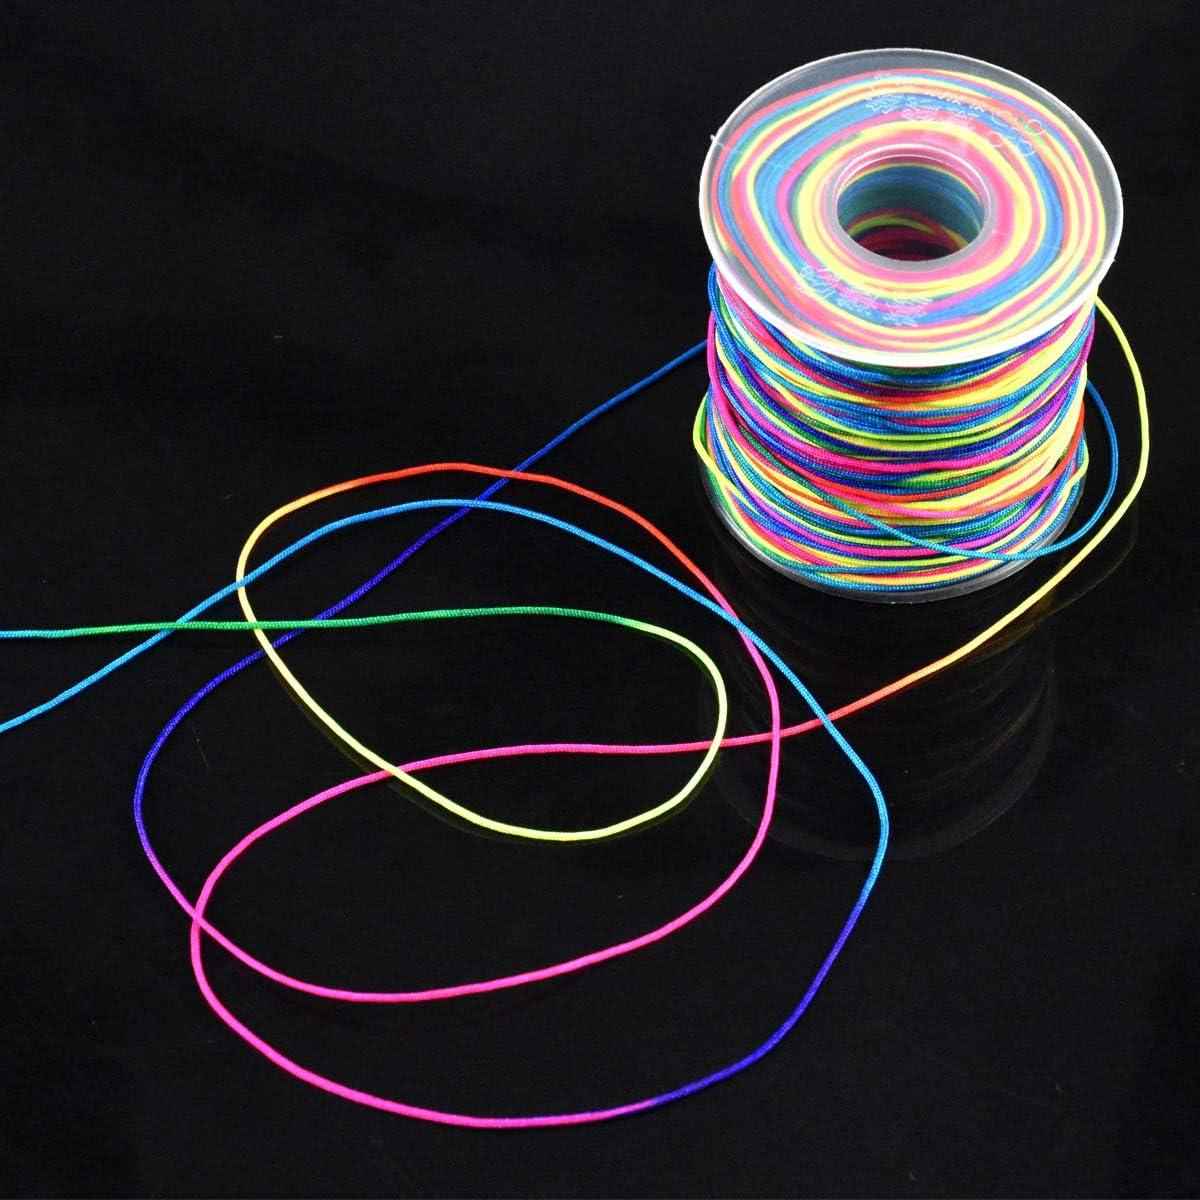 Stringa Corda Multicolore per la Creazione di Gioielli Braccialetto Collana HQdeal Cordone Arcobaleno Cordone Perline Cordoncino Artigianale 0.8 mm X 100 m Fili Perline Nylon